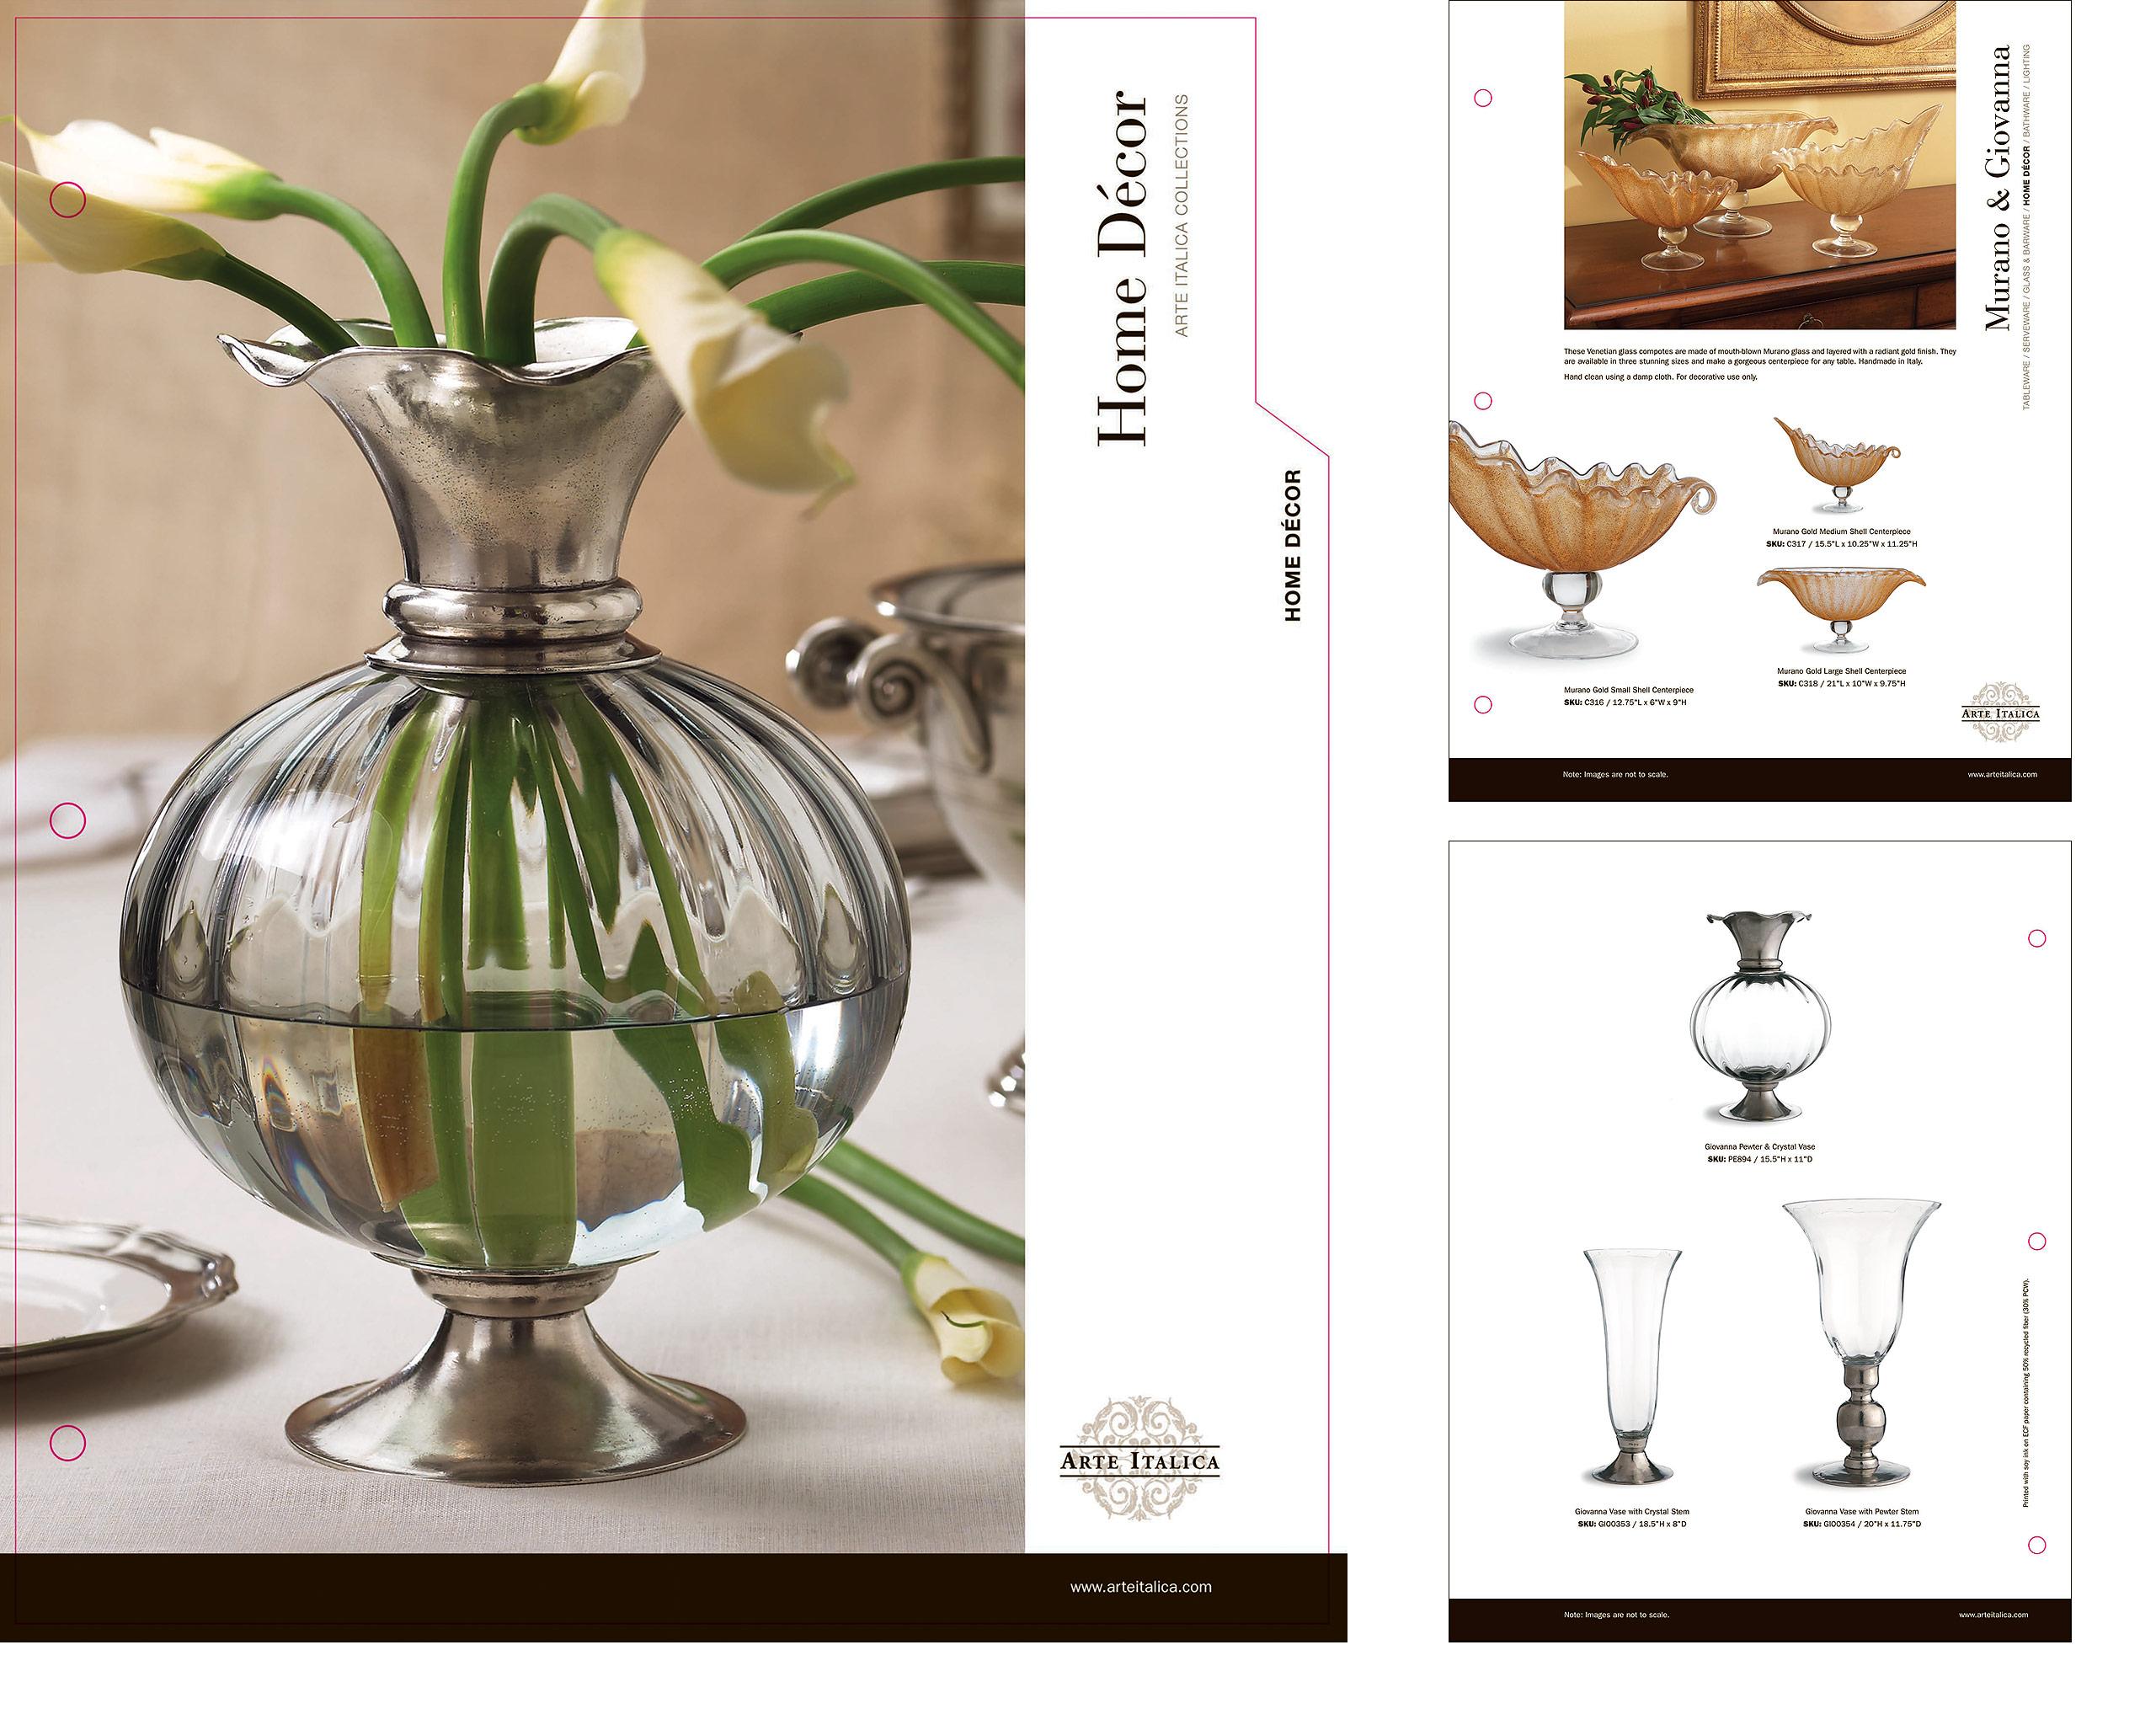 arte italica catalog 2